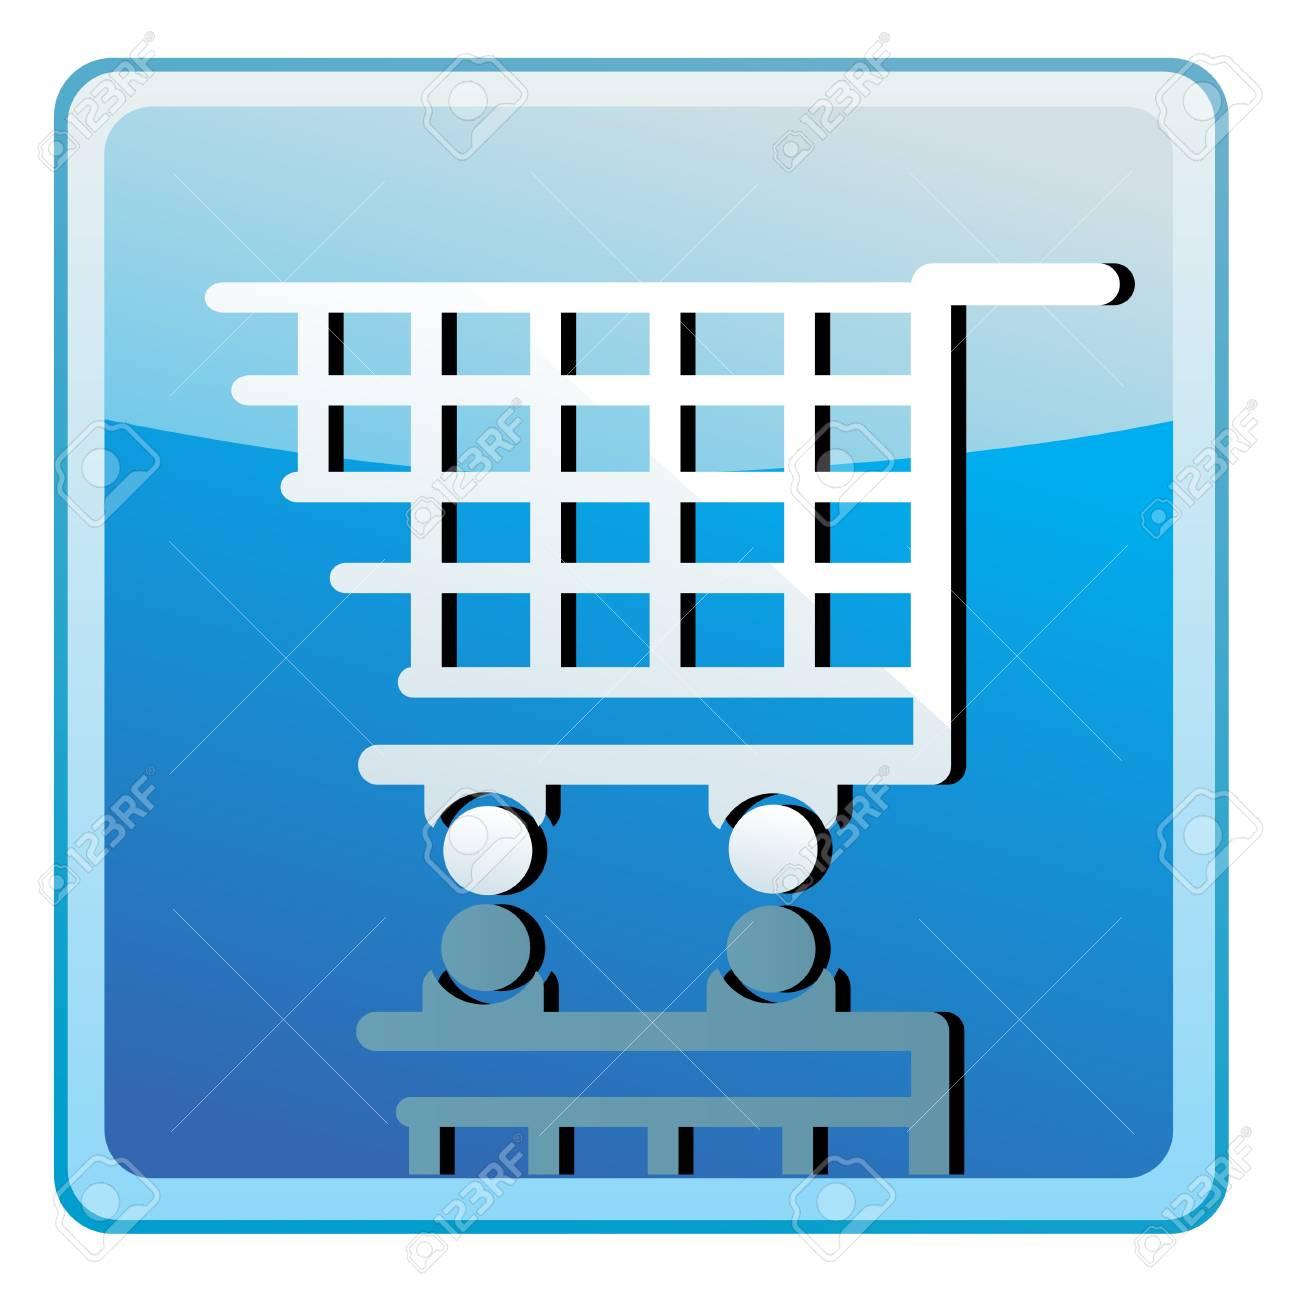 Shopping cart icon Stock Vector - 13775069